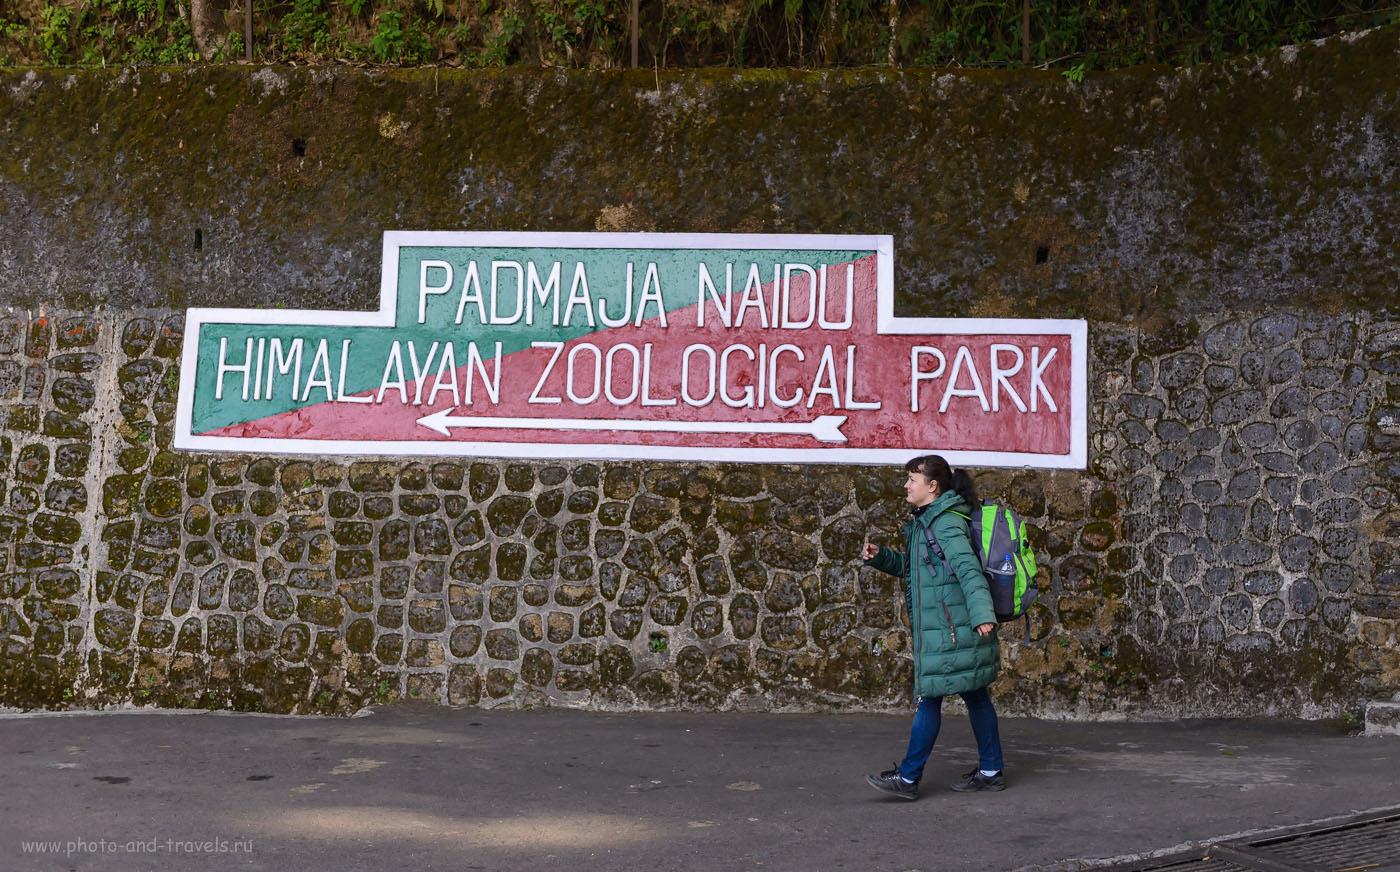 Фотография 7. Официальное название зоопарка в Дарджилинге - Padmaja Naidu Himalayan Zoological Park. Отзывы о поездках по интересным местам Индии. 1/640, -1.0, 2.8, 400, 48.